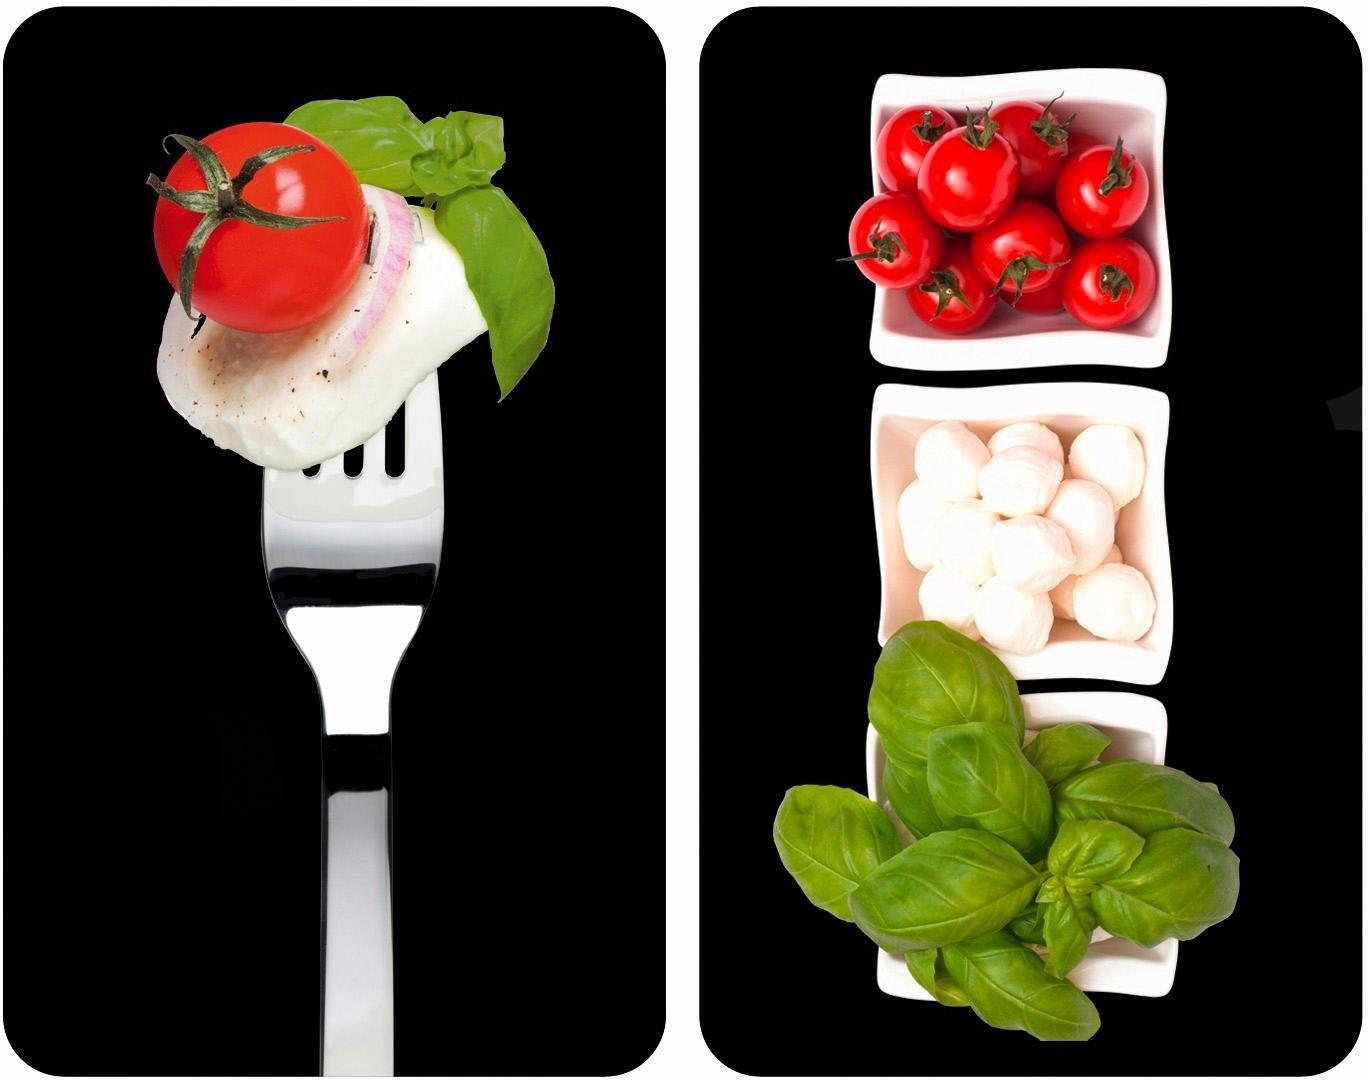 WENKO kookplaatdeksel Caprese speciale antislipvoetjes (set, 2-delig) nu online kopen bij OTTO